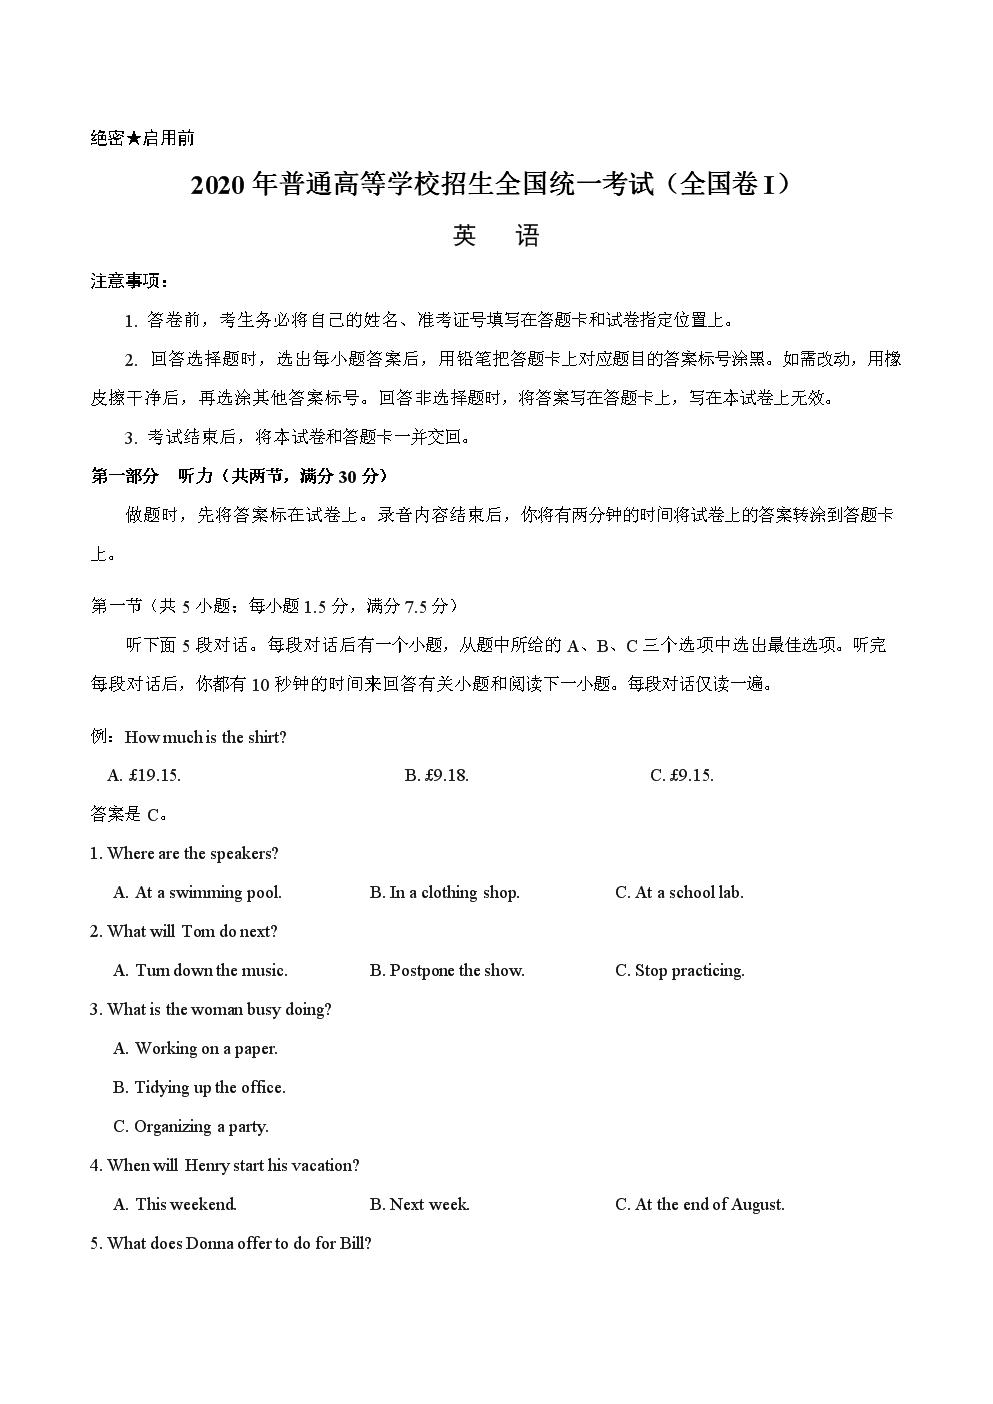 【精校版】2020年英语高考试题(全国I卷)(含听力原文及答案).doc